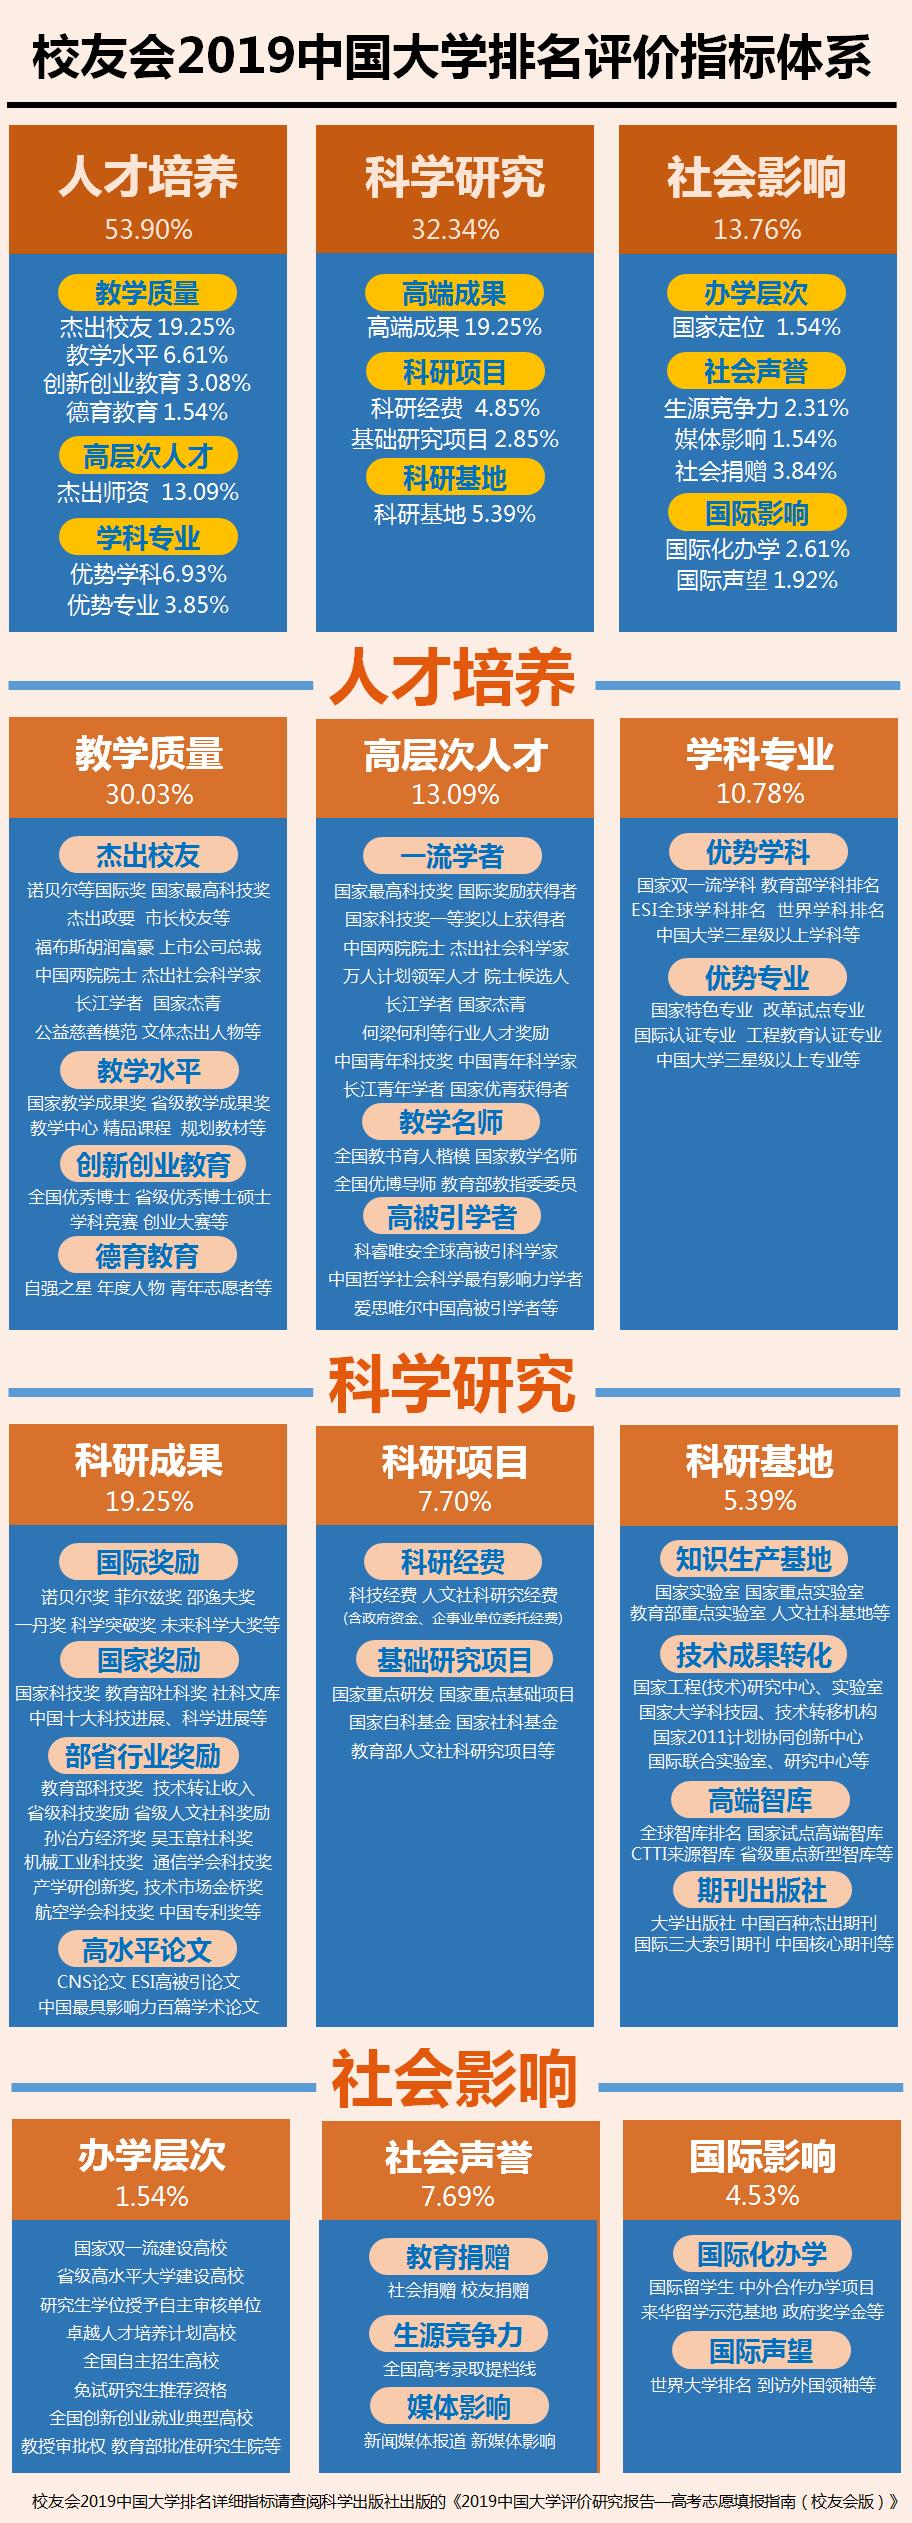 校友会2019中国大学分析实力排行榜发布北大第